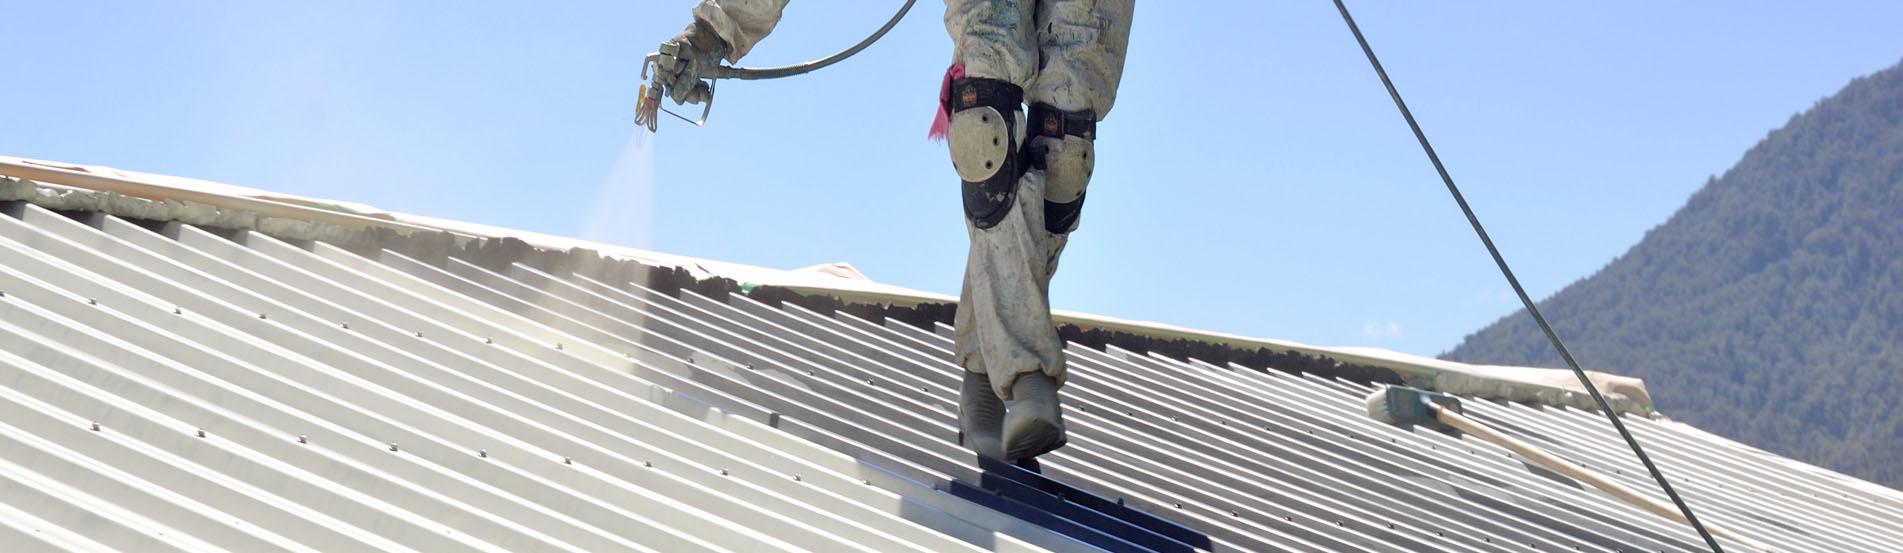 L'entretien des boiseries de la toiture